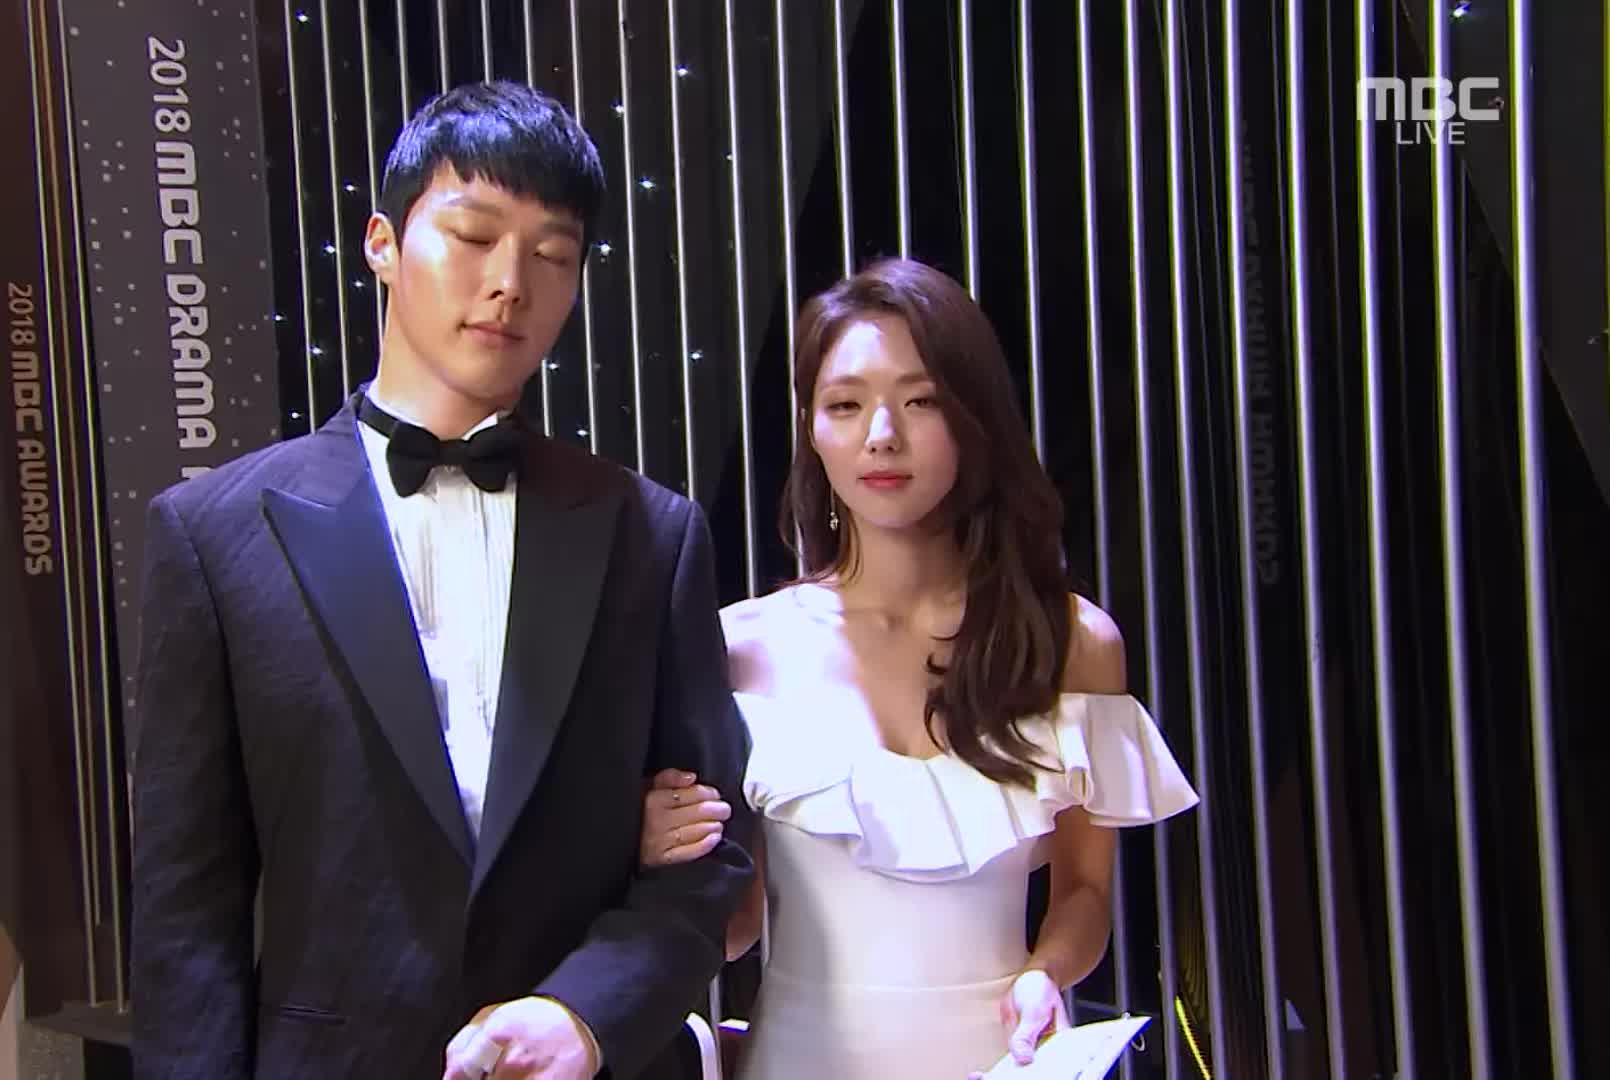 2018 MBC Drama Awards E 02 181230 1080 P NEXT